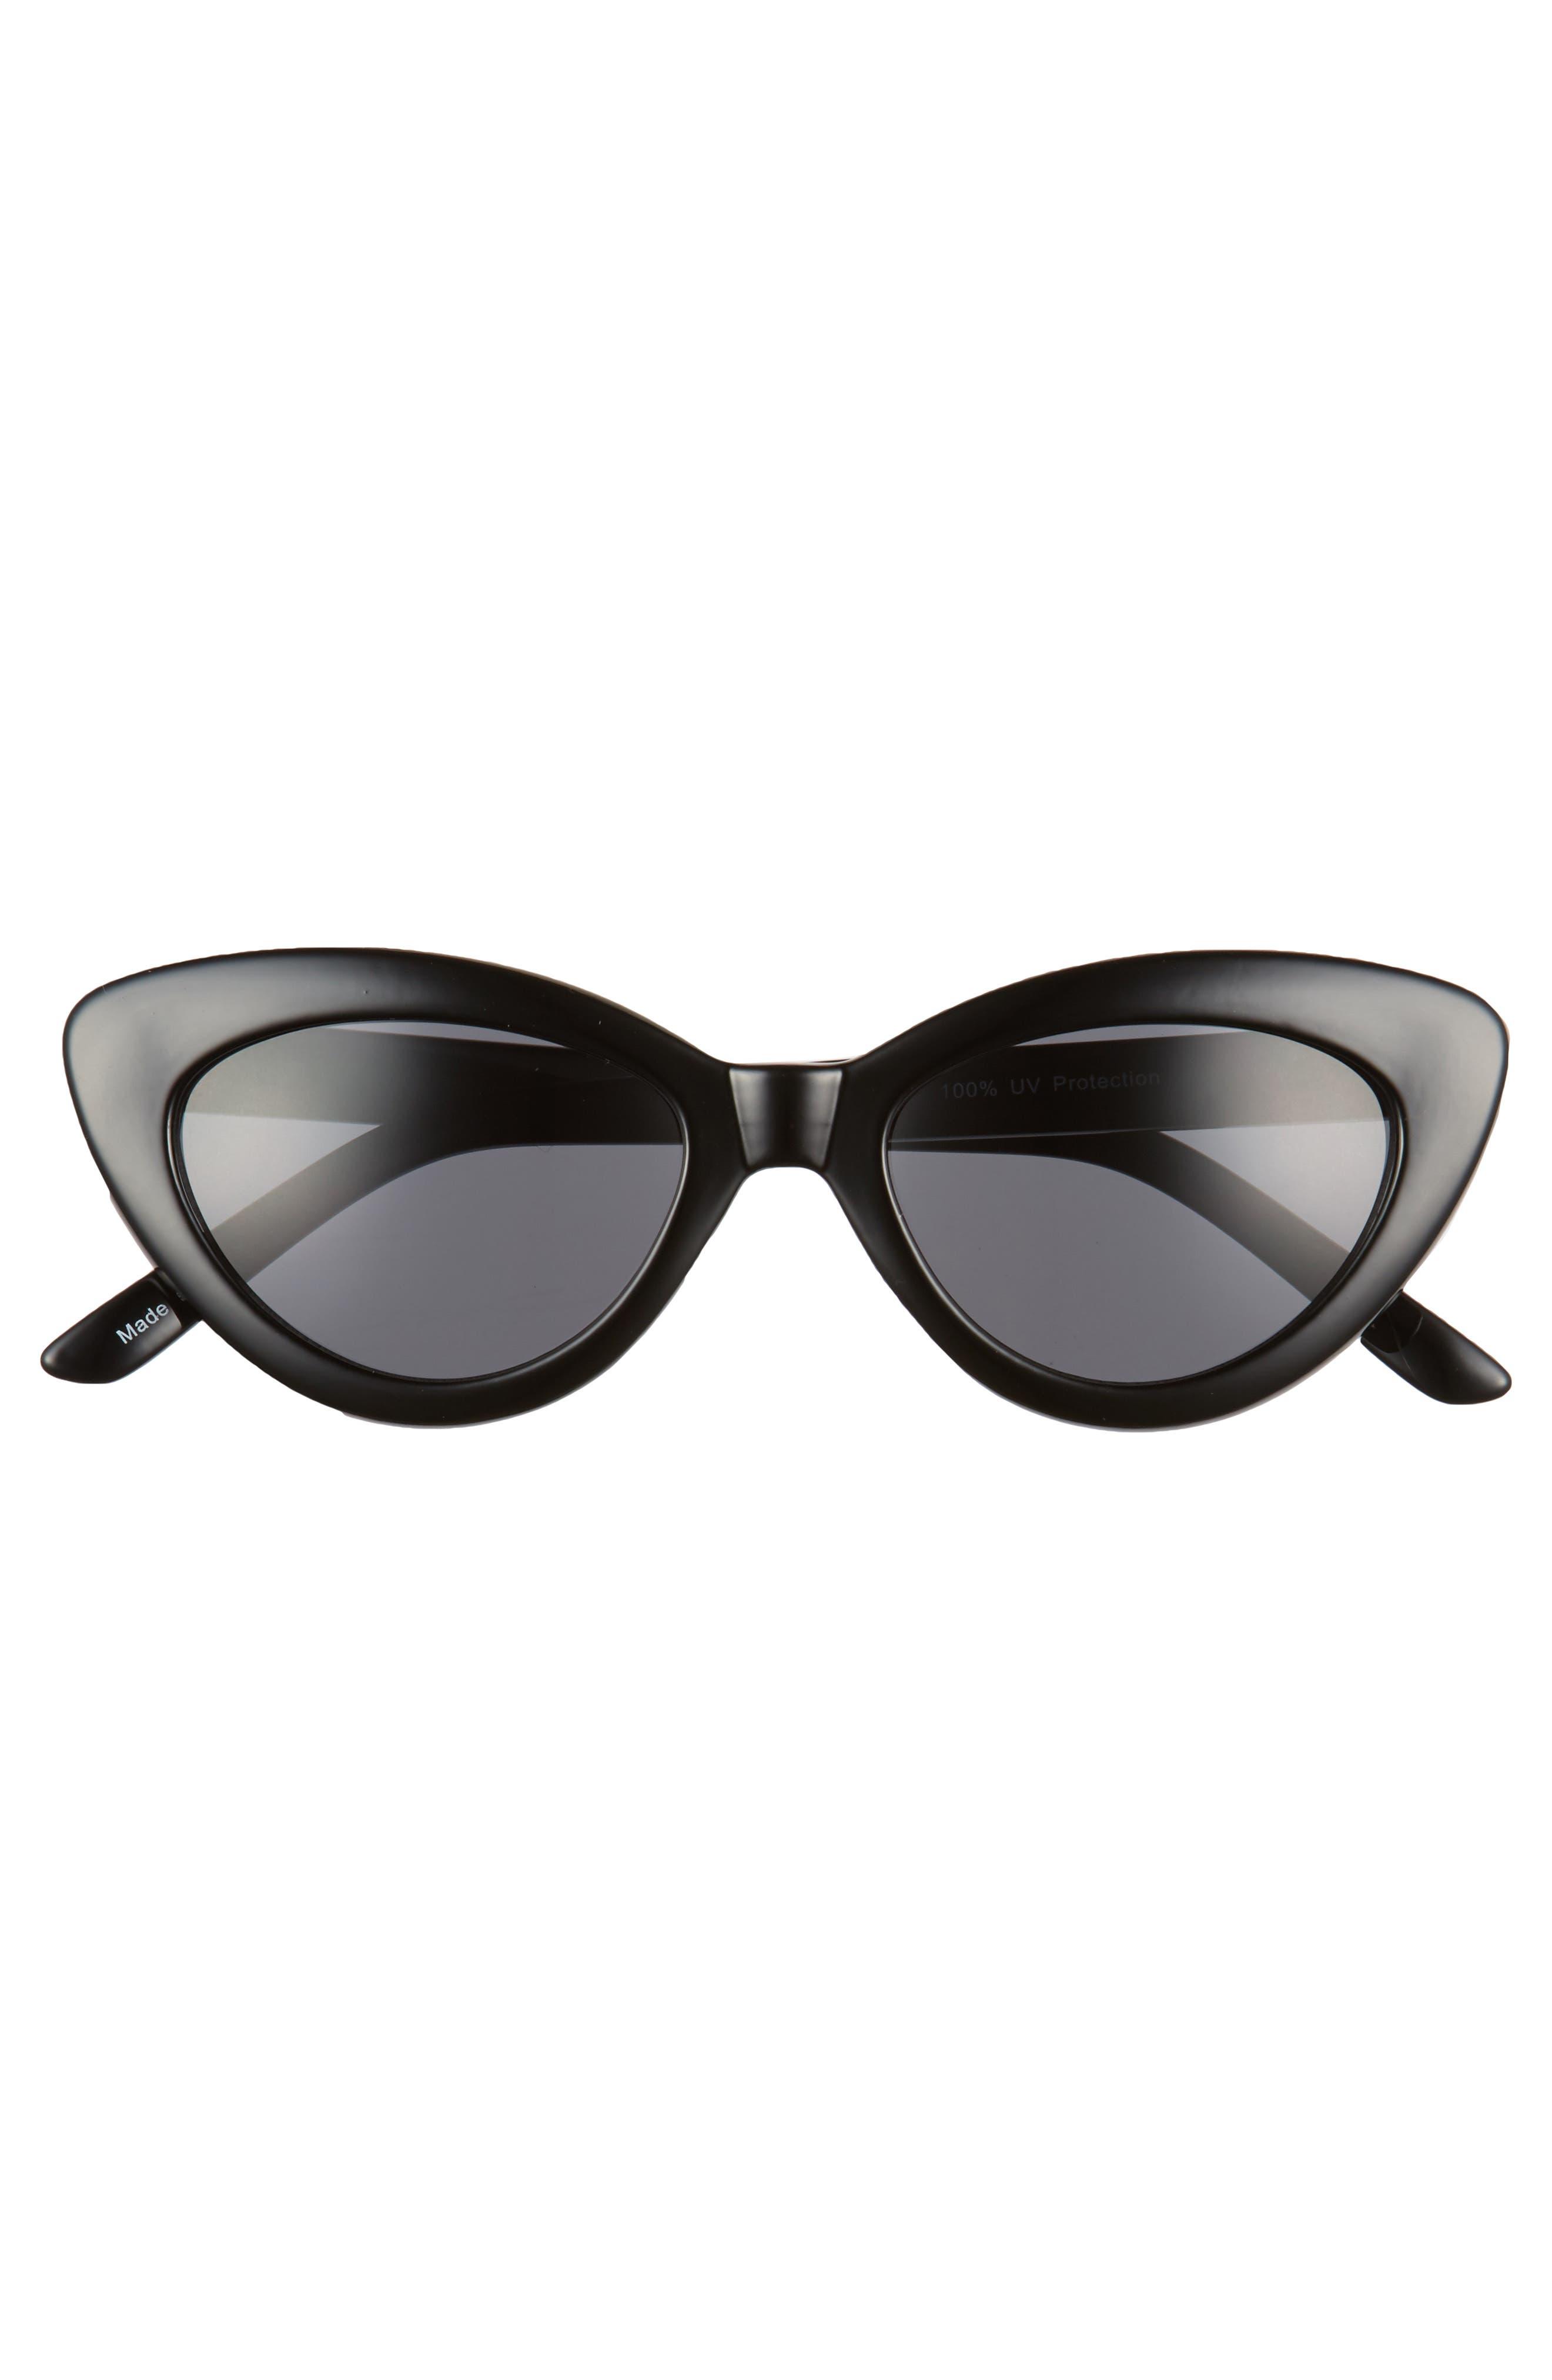 51mm Mini Cat Eye Sunglasses,                             Alternate thumbnail 3, color,                             001